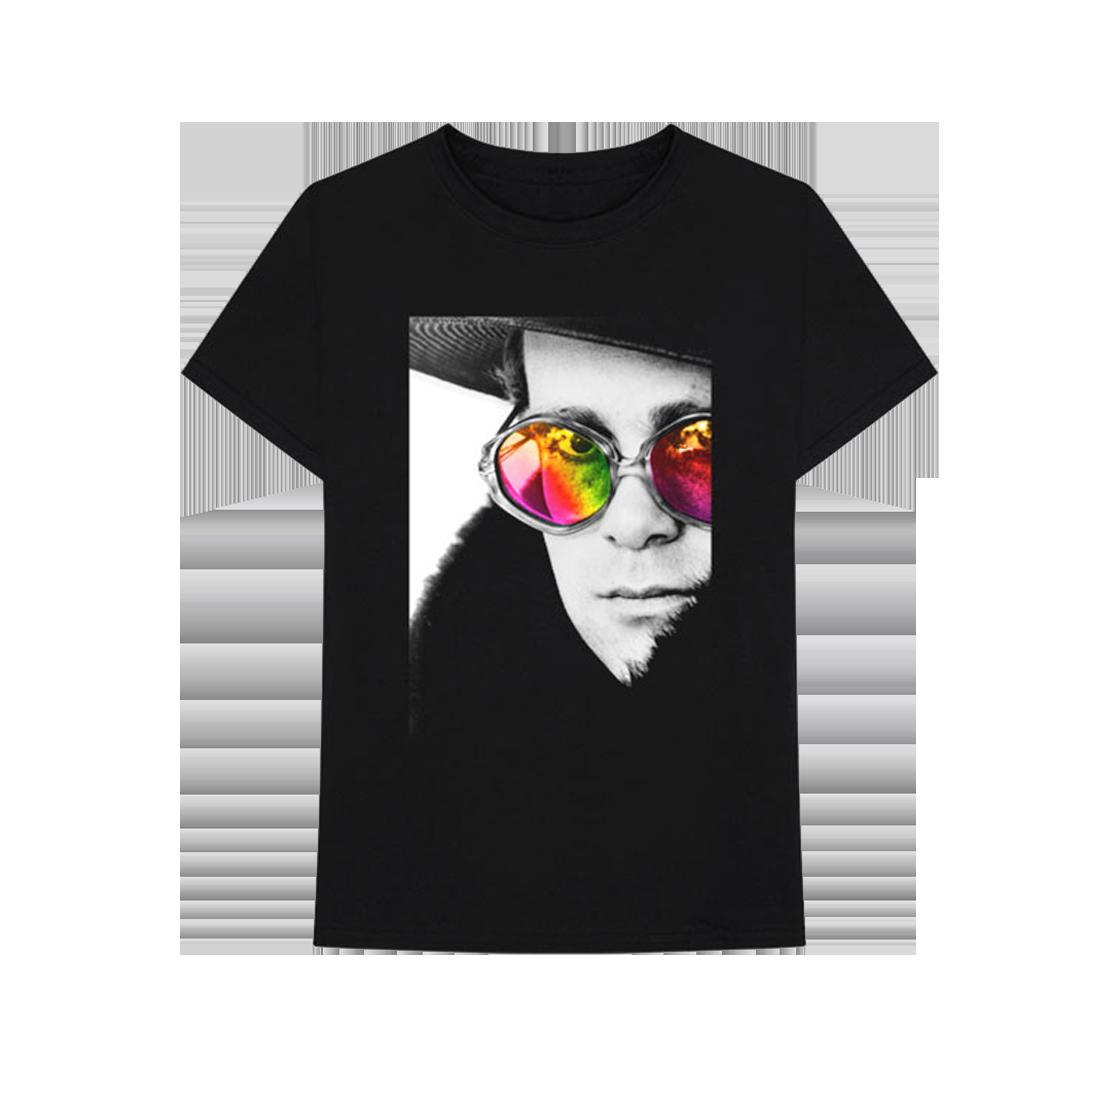 Elton John: ME T-Shirt - S